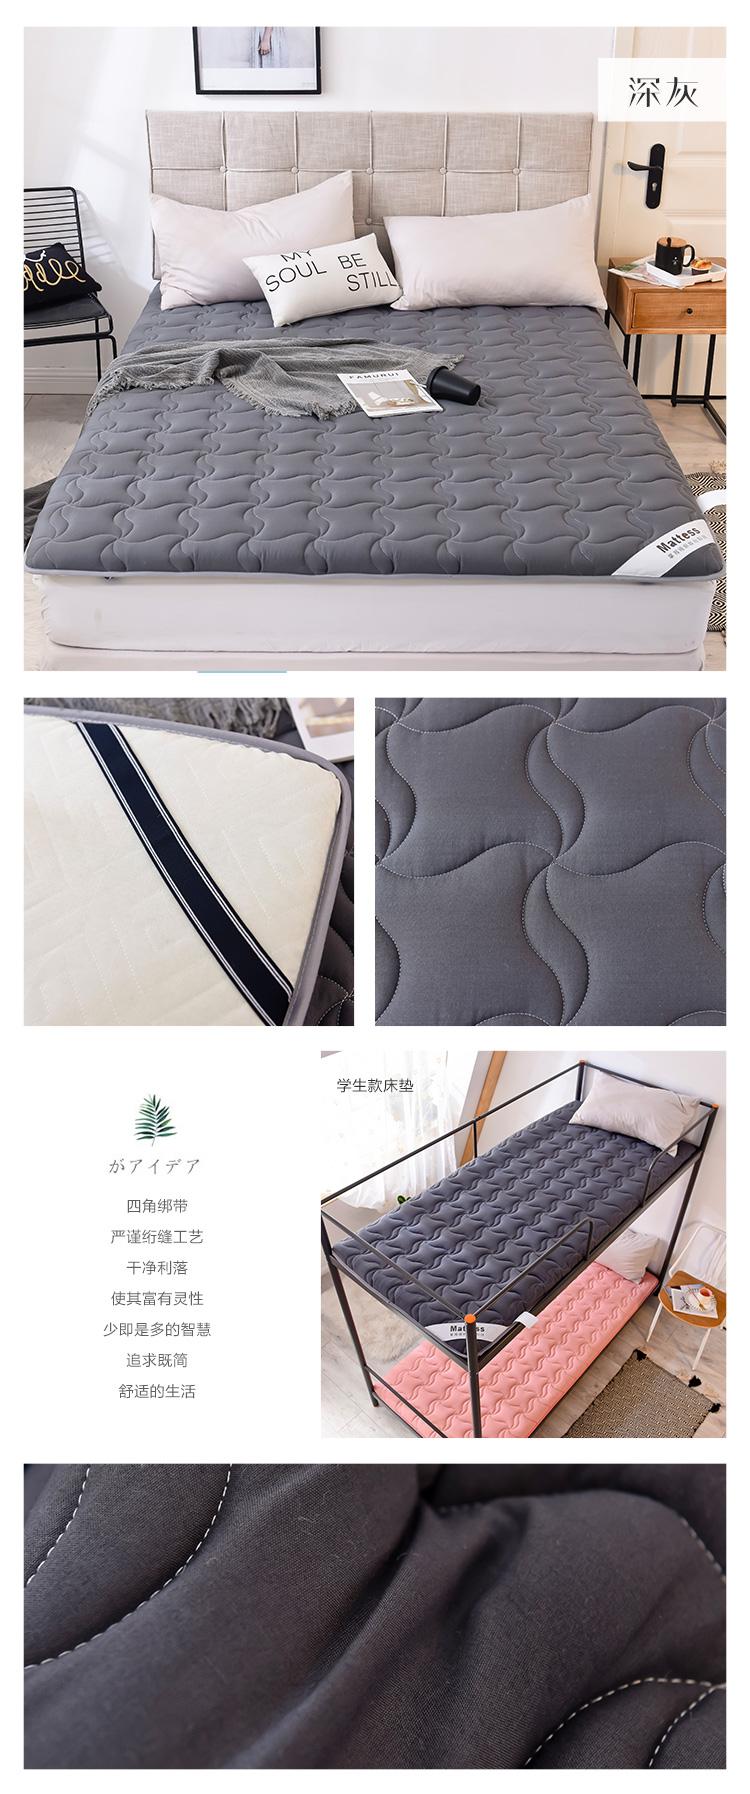 水洗棉床垫_23深灰.jpg